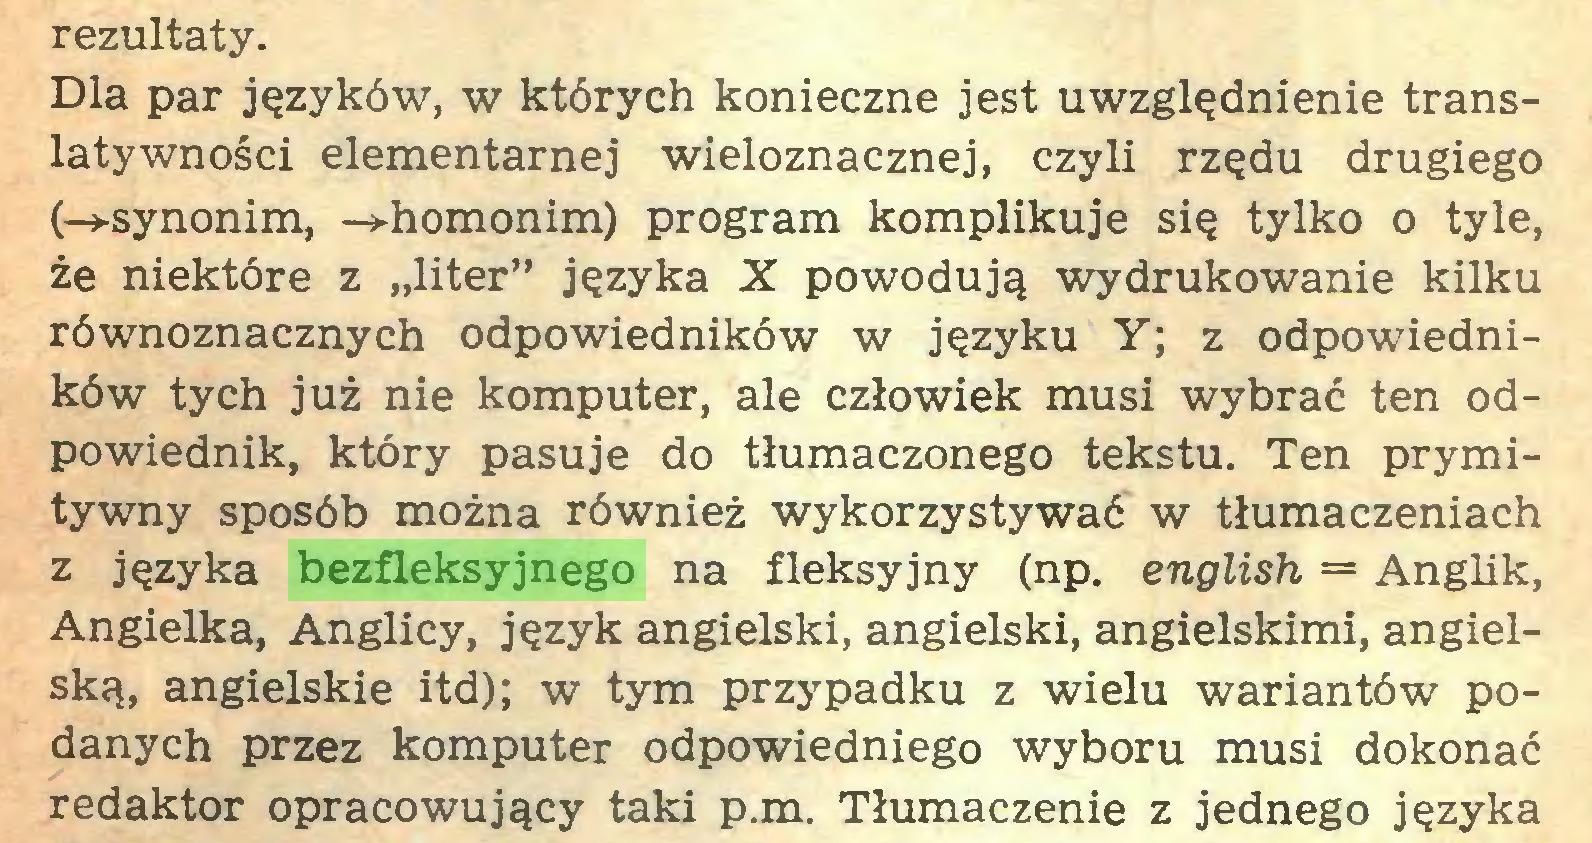 """(...) rezultaty. Dla par języków, w których konieczne jest uwzględnienie translatywności elementarnej wieloznacznej, czyli rzędu drugiego (-»-synonim, -»-homonim) program komplikuje się tylko o tyle, że niektóre z """"liter"""" języka X powodują wydrukowanie kilku równoznacznych odpowiedników w języku Y; z odpowiedników tych już nie komputer, ale człowiek musi wybrać ten odpowiednik, który pasuje do tłumaczonego tekstu. Ten prymitywny sposób można również wykorzystywać w tłumaczeniach z języka bezfleksyjnego na fleksyjny (np. english = Anglik, Angielka, Anglicy, język angielski, angielski, angielskimi, angielską, angielskie itd); w tym przypadku z wielu wariantów podanych przez komputer odpowiedniego wyboru musi dokonać redaktor opracowujący taki p.m. Tłumaczenie z jednego języka..."""